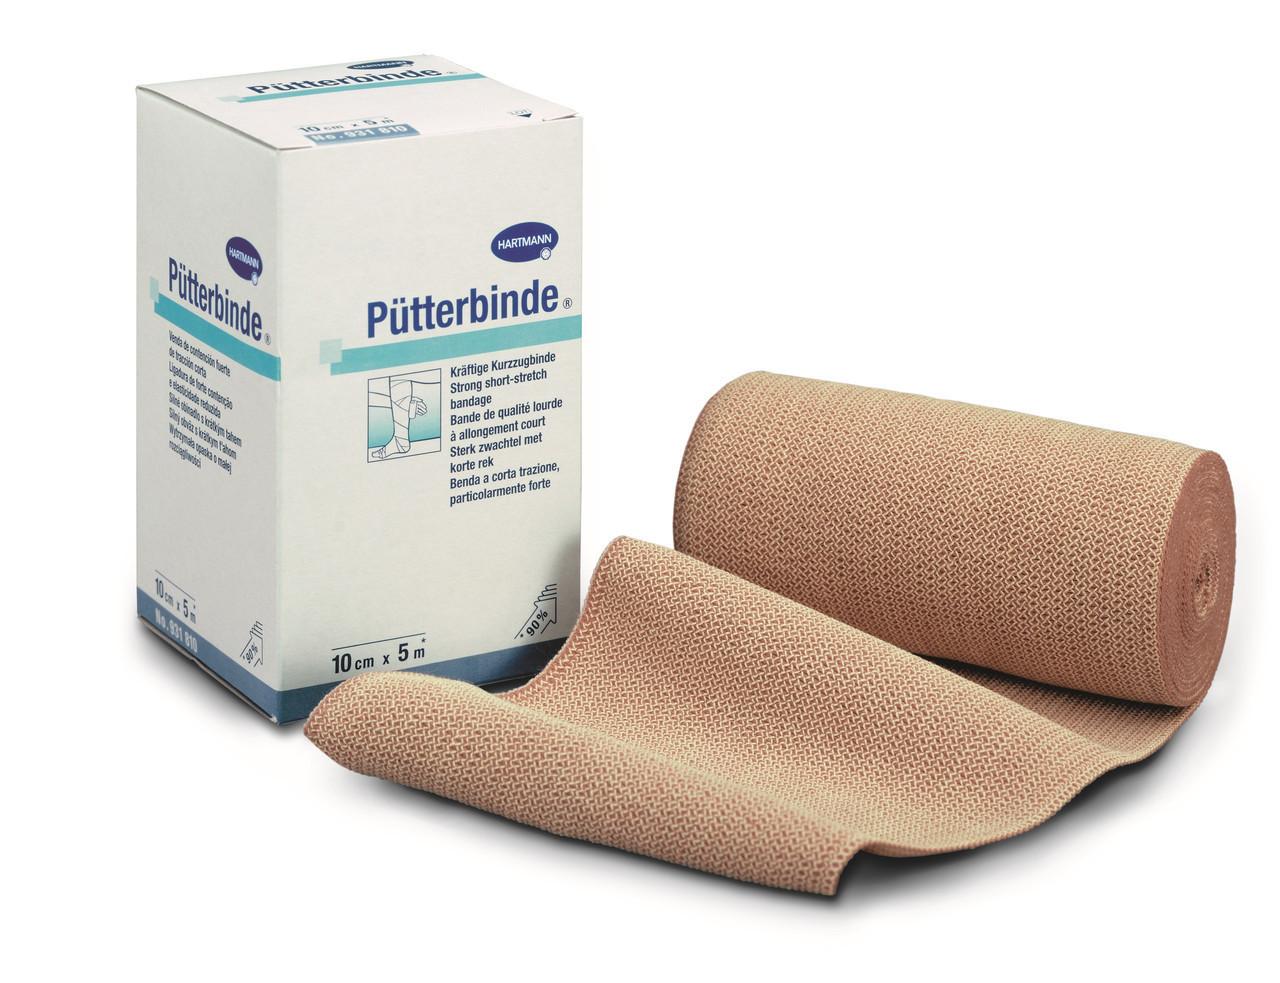 Putterbinde / Пюттербинт - Среднерастяжимый эластичный компрессионный бинт из чистого хлопка, 12см х 5м